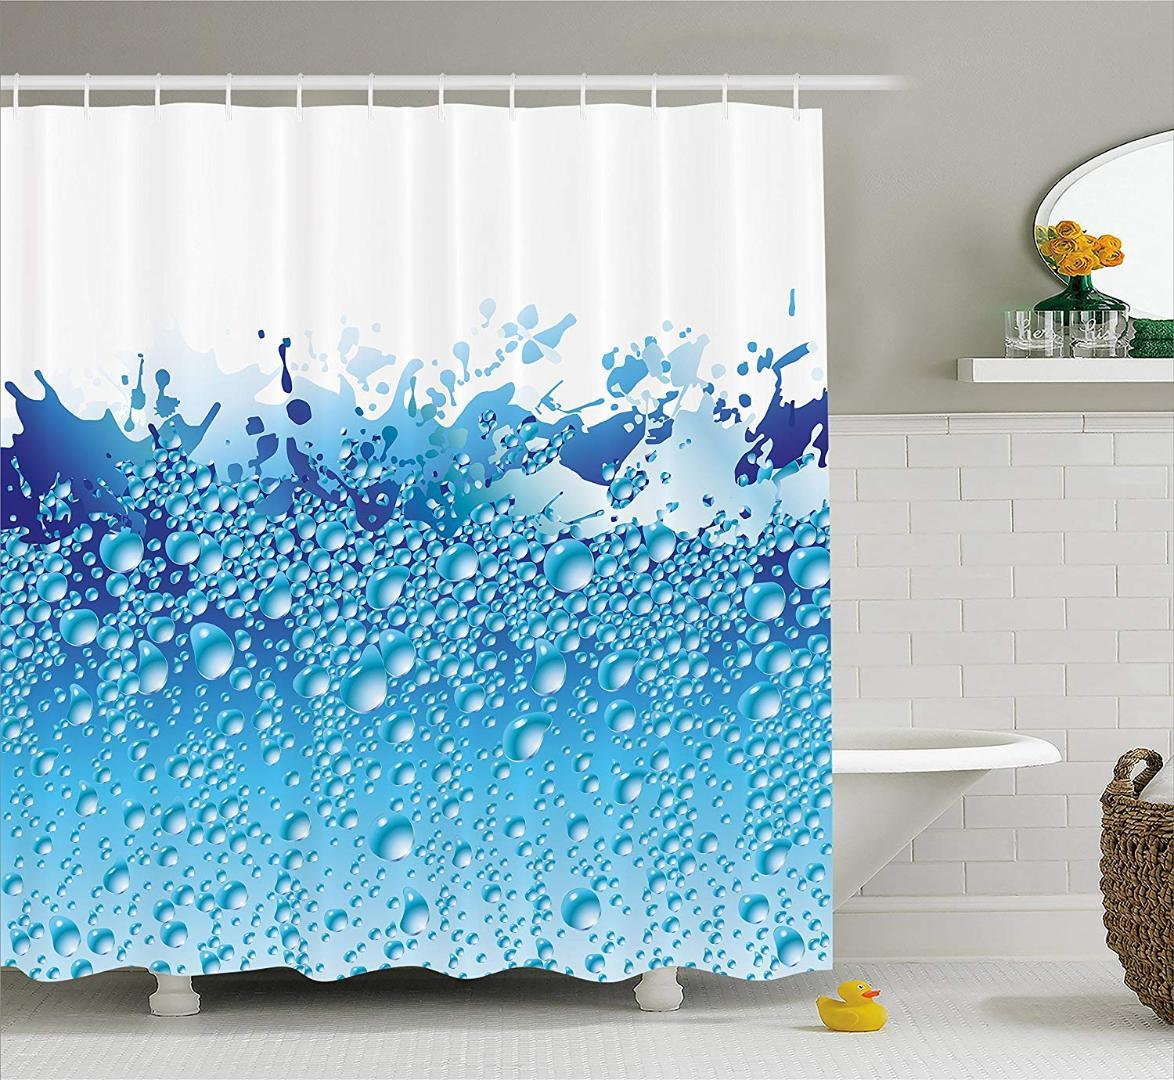 Moderne Duschvorhang Aquarium wie Wasser Bild mit Blasen spritzt Drops  Print Stoff Badezimmer Set weiß dunkelblau und Himmel